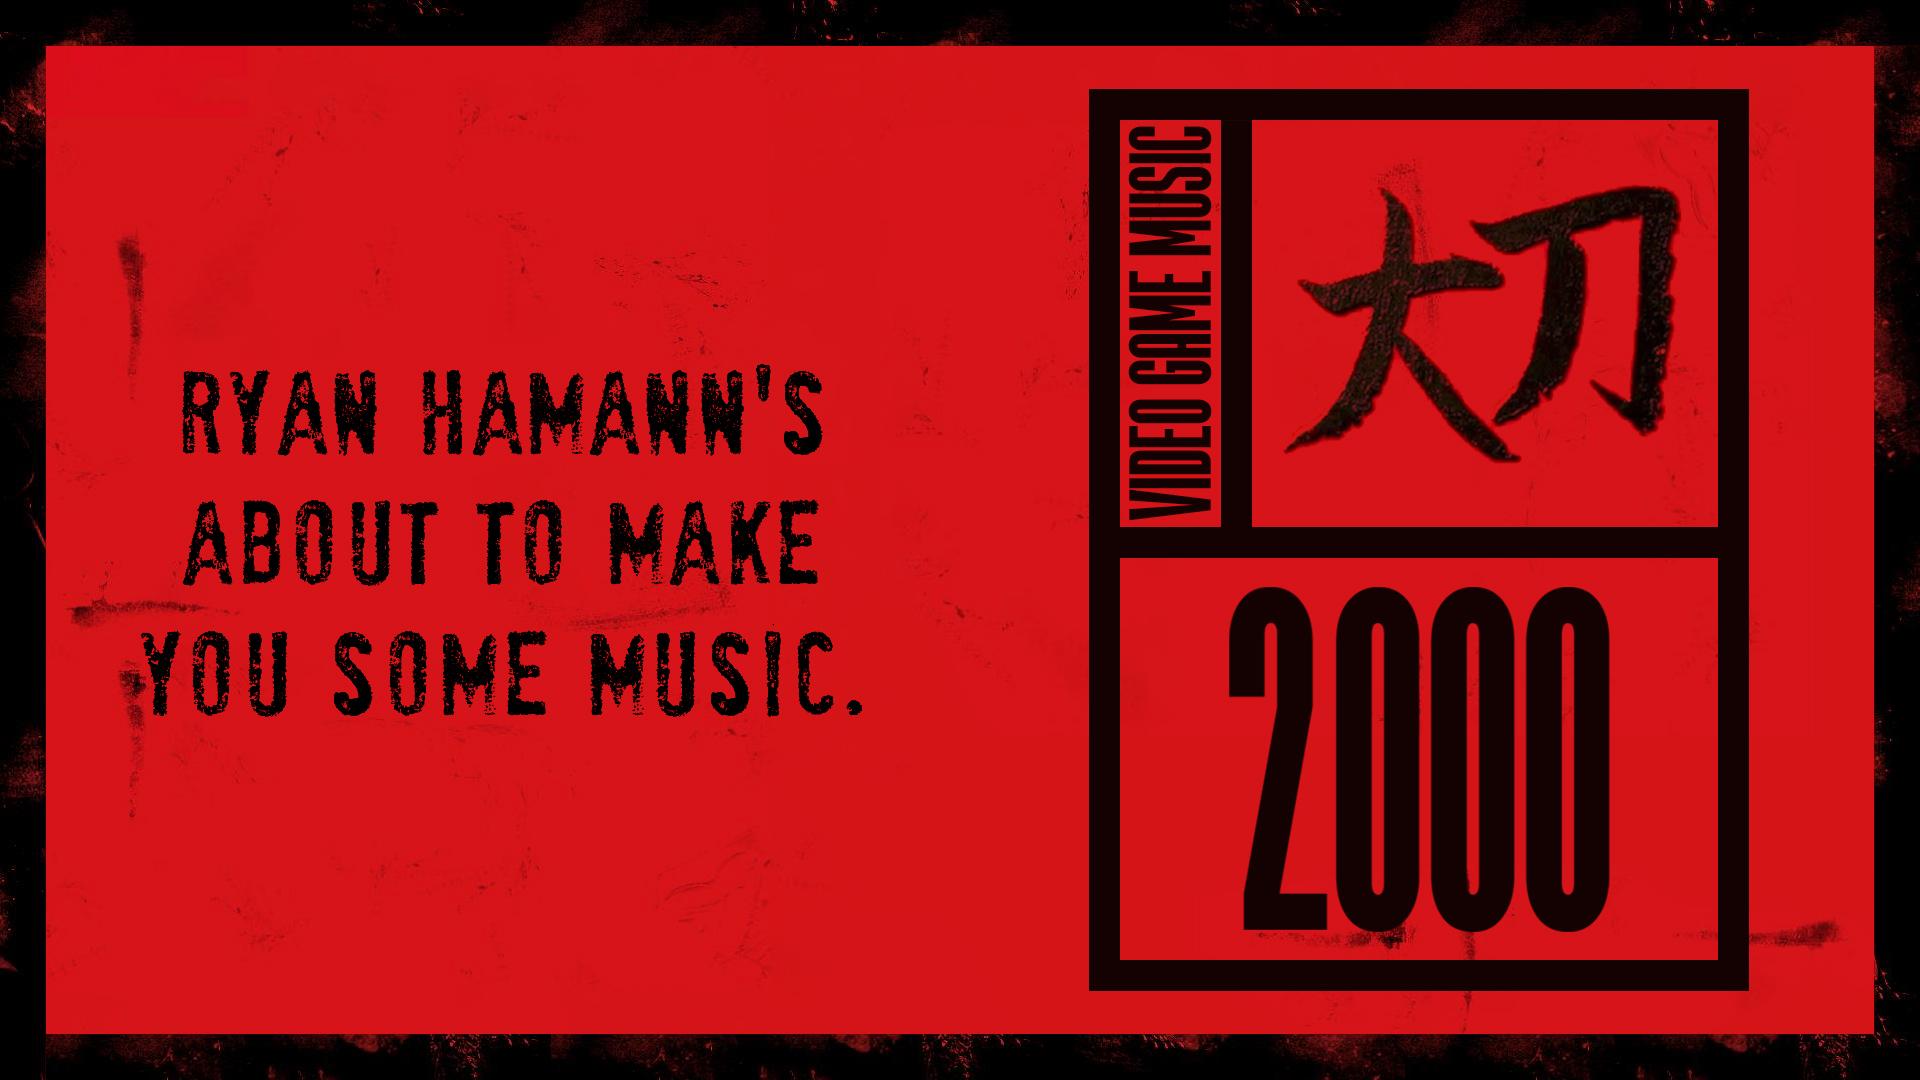 2000 Daikatana.jpg